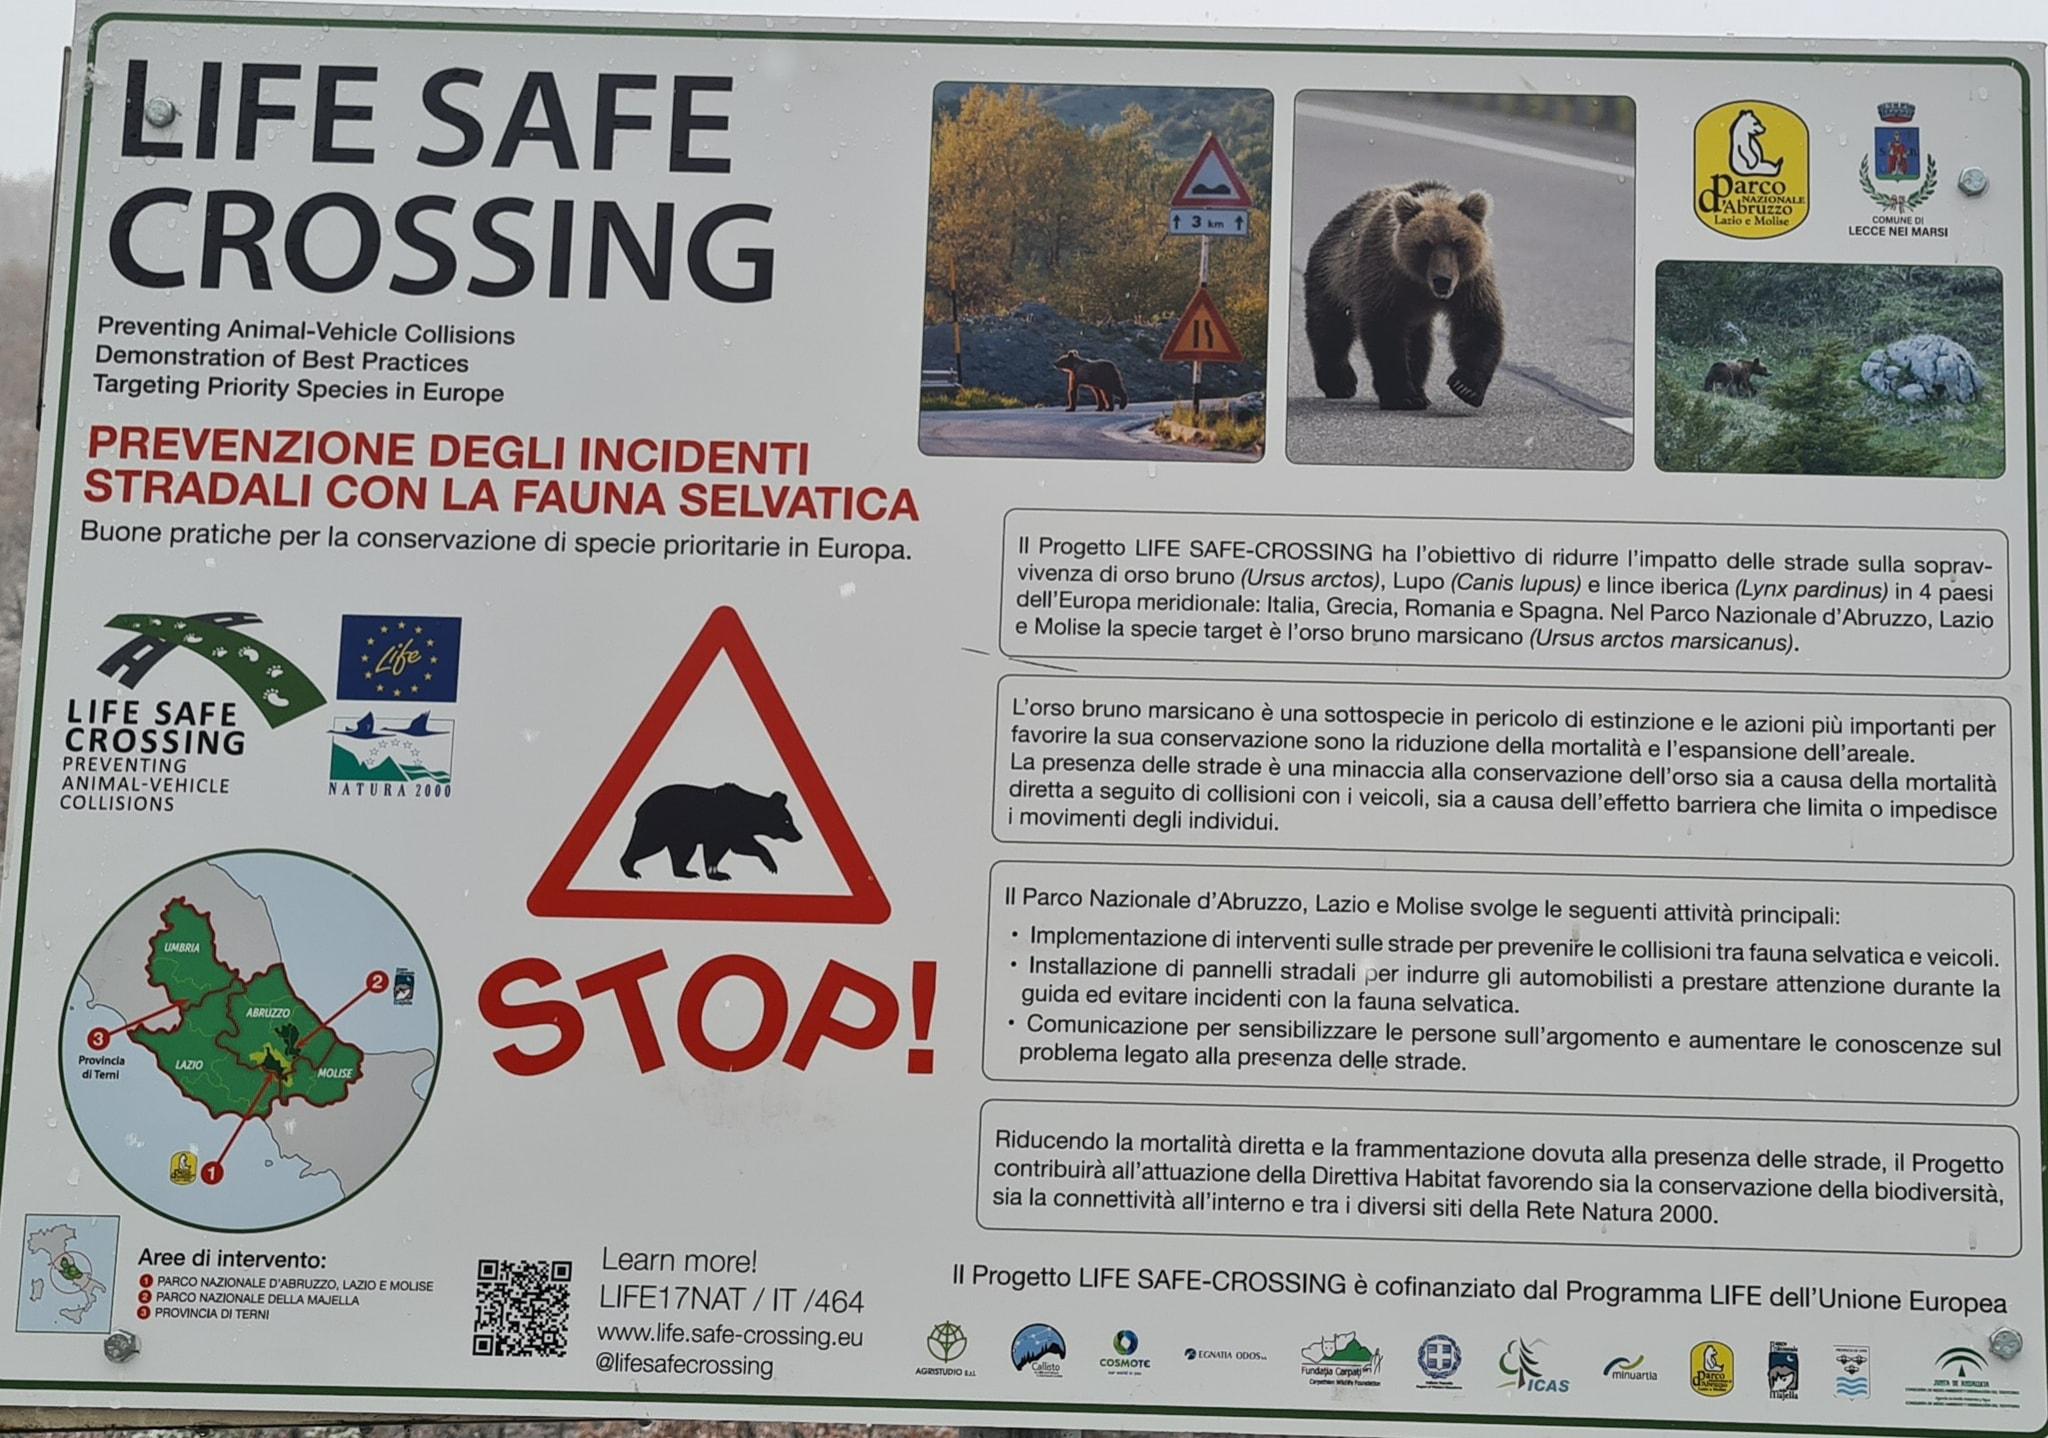 Segnaletica del progetto Life Safe Crossing installata a Lecce nei Marsi